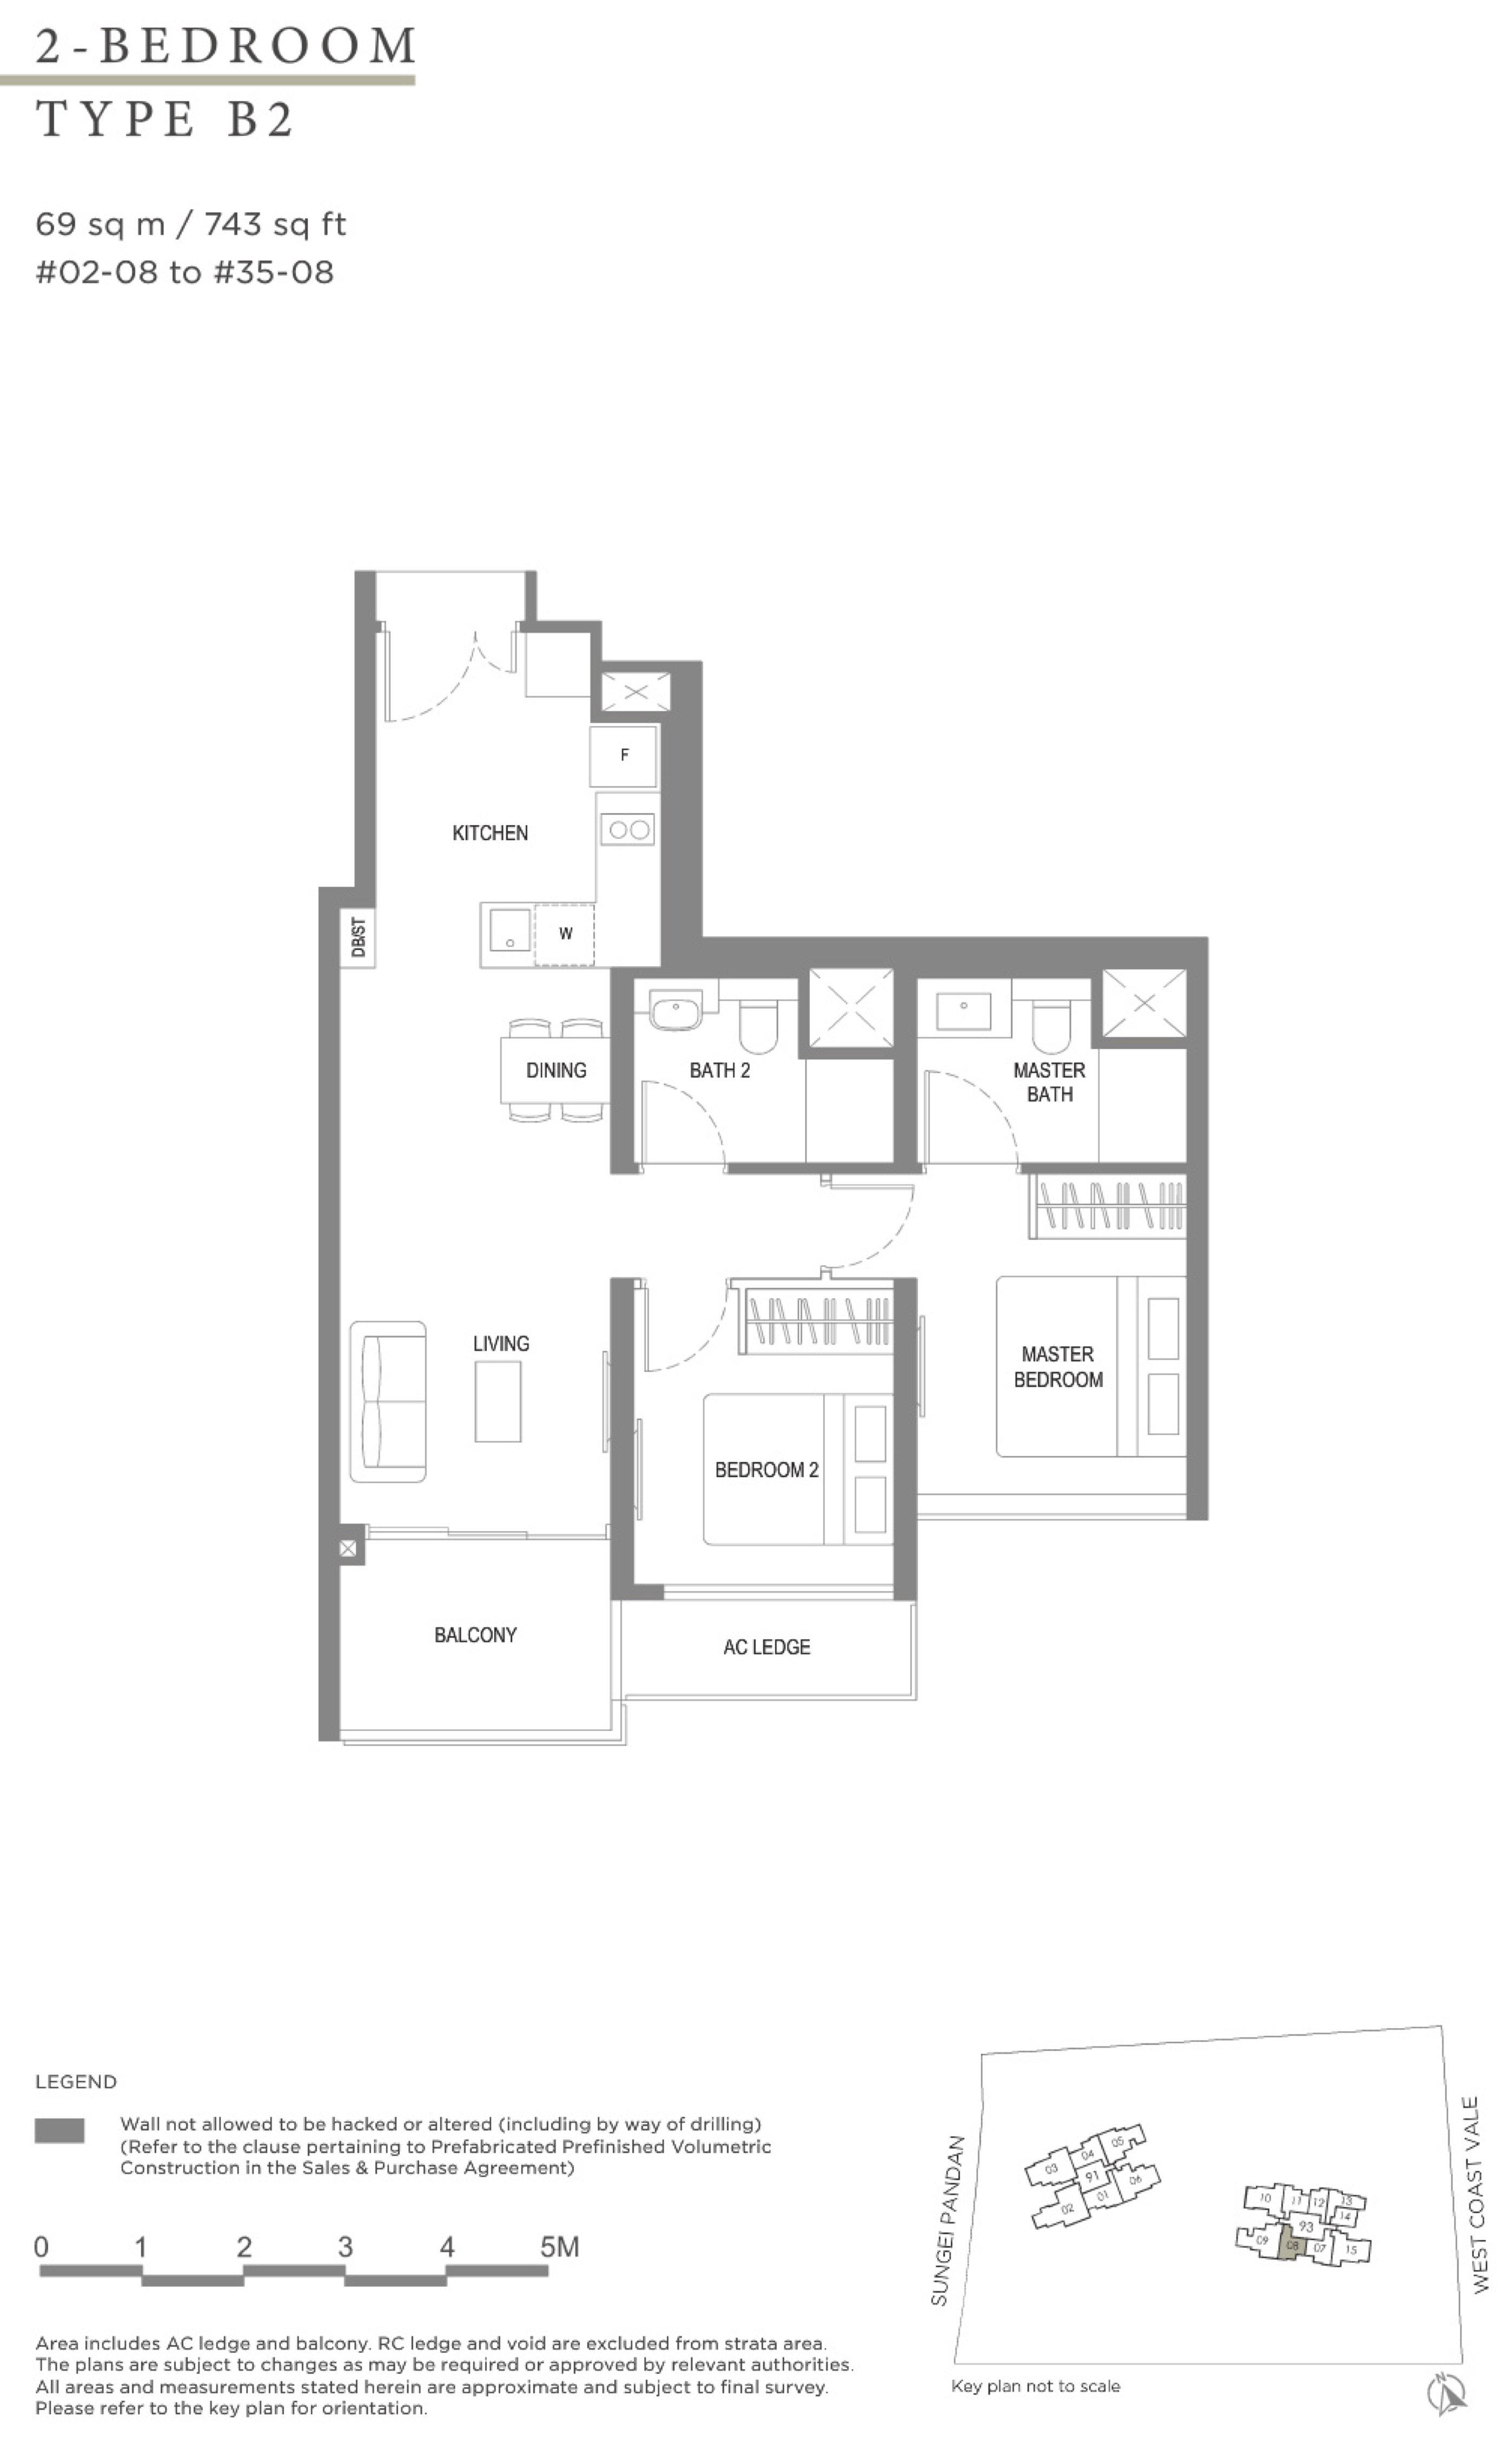 Twin VEW 2 bedroom B2 floor plan